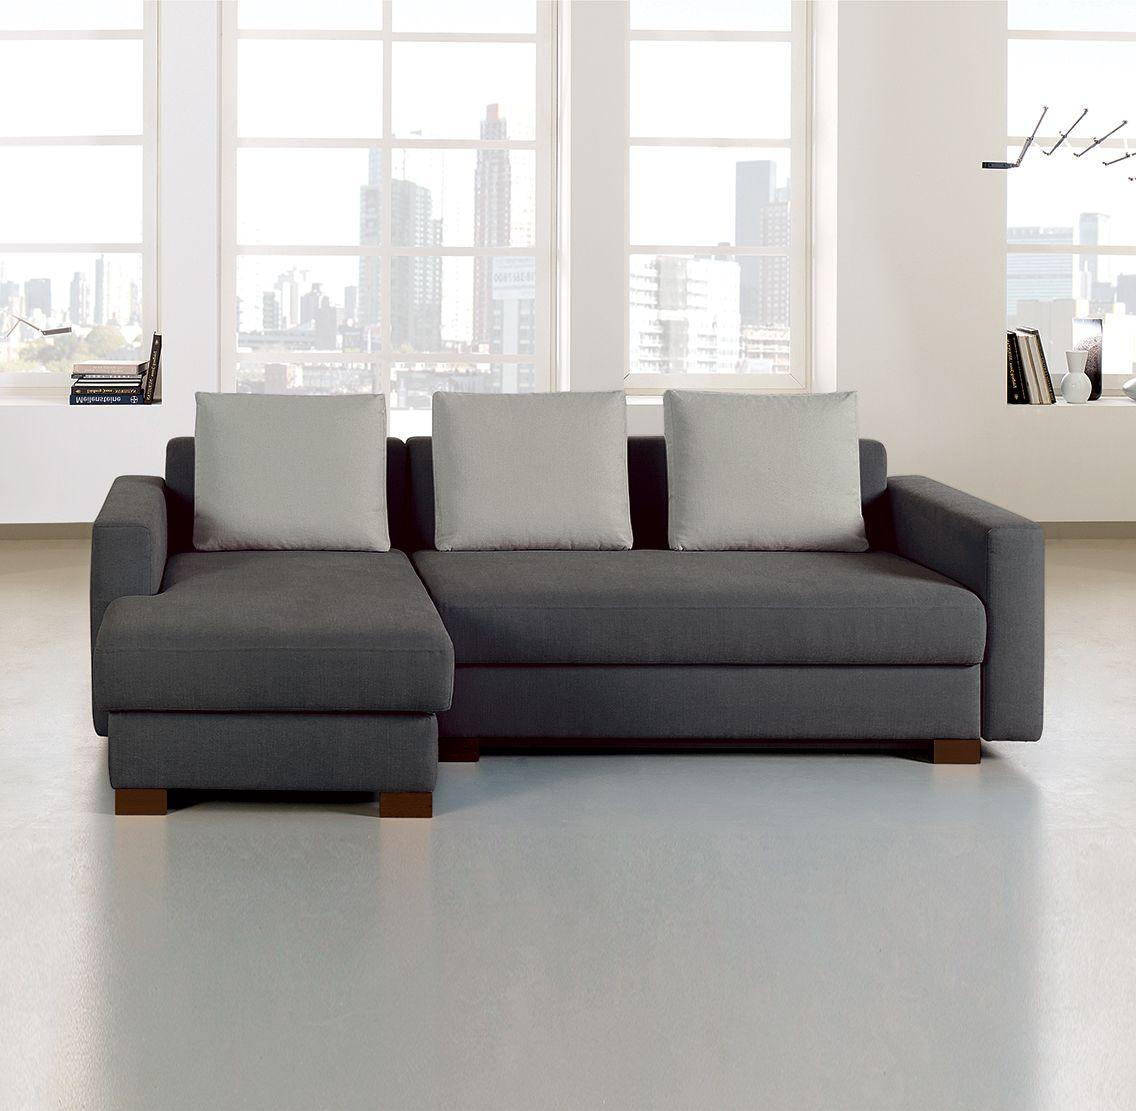 Schlafsofa Mit Recamiere Loop Ikea Ausziehcouch Haus Couch Mobel